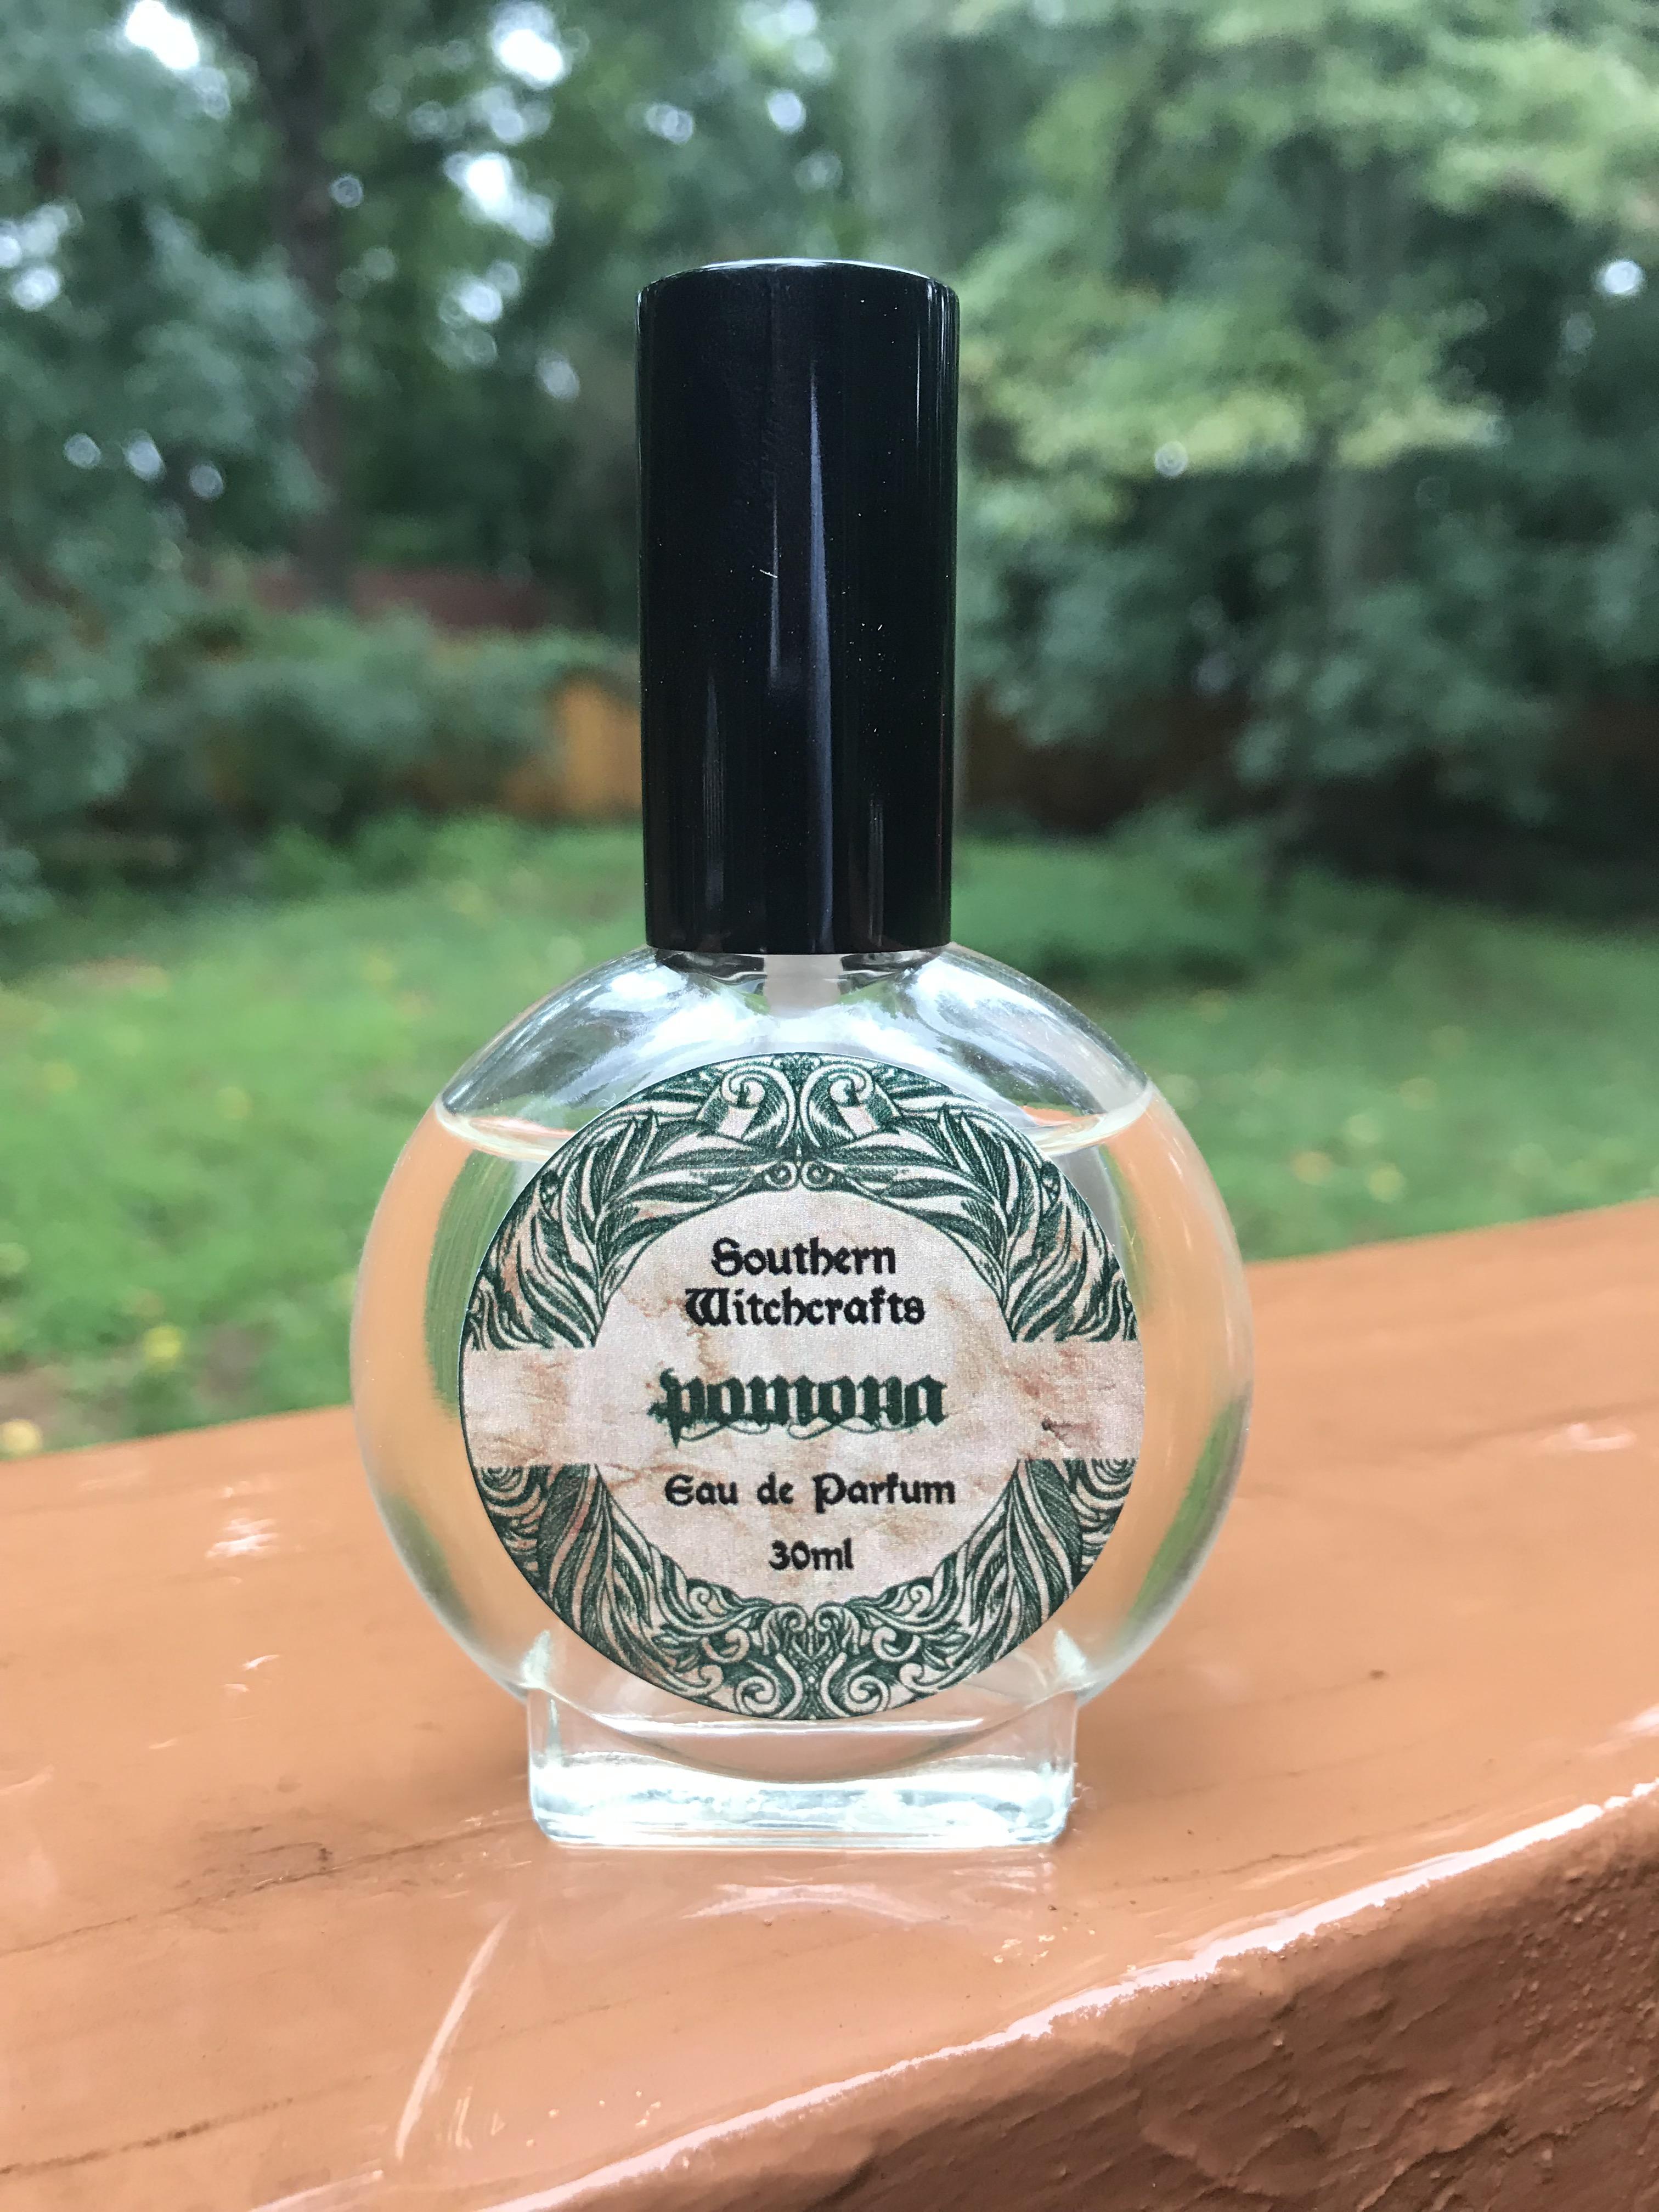 Southern Witchcrafts - Pomona - Eau de Parfum image